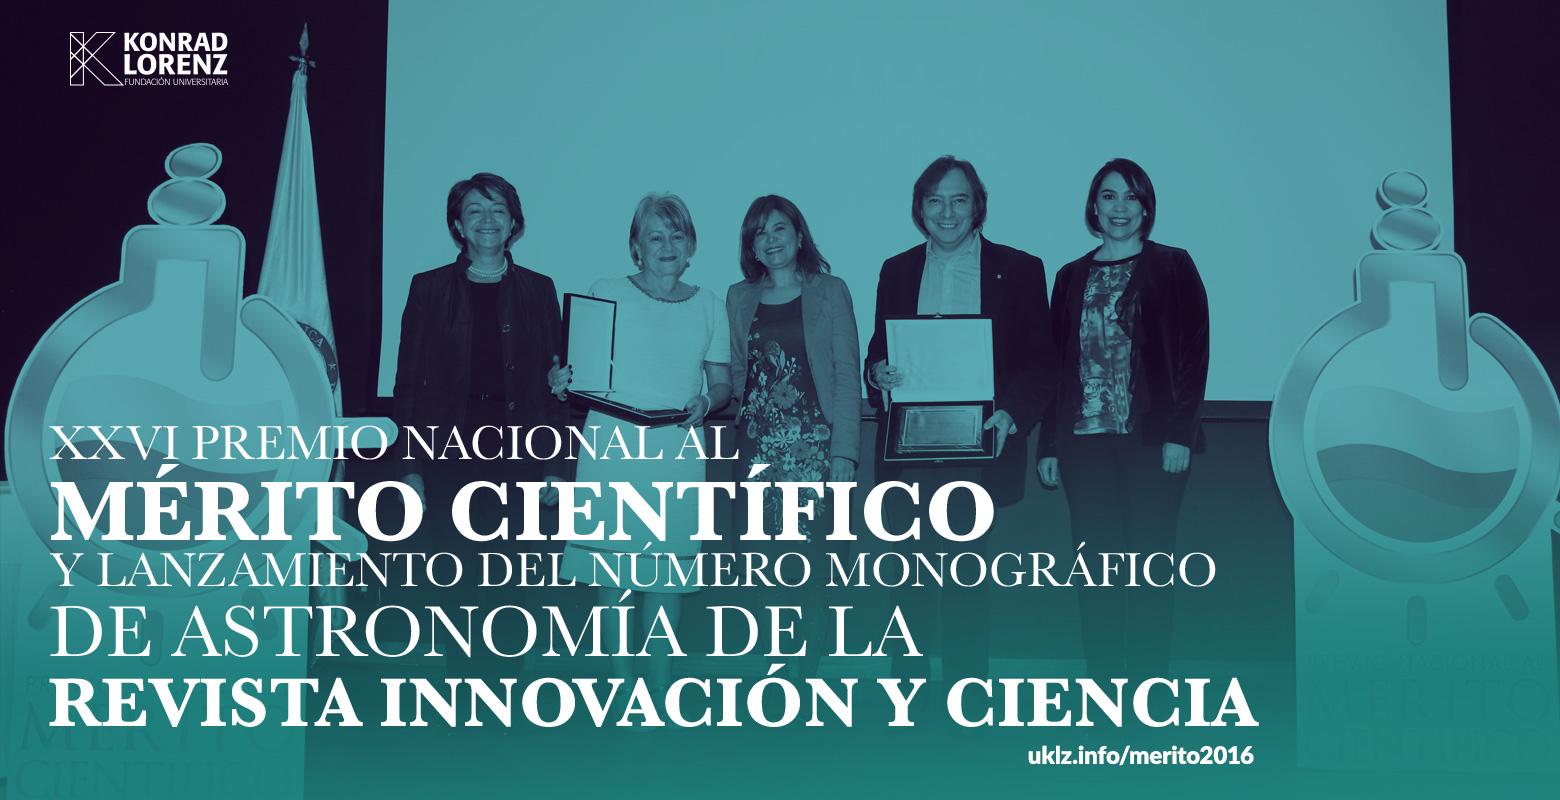 Premio al Mérito Científico 2016 y lanzamiento del número monográfico en astronomía Revista Innovación & Cienci